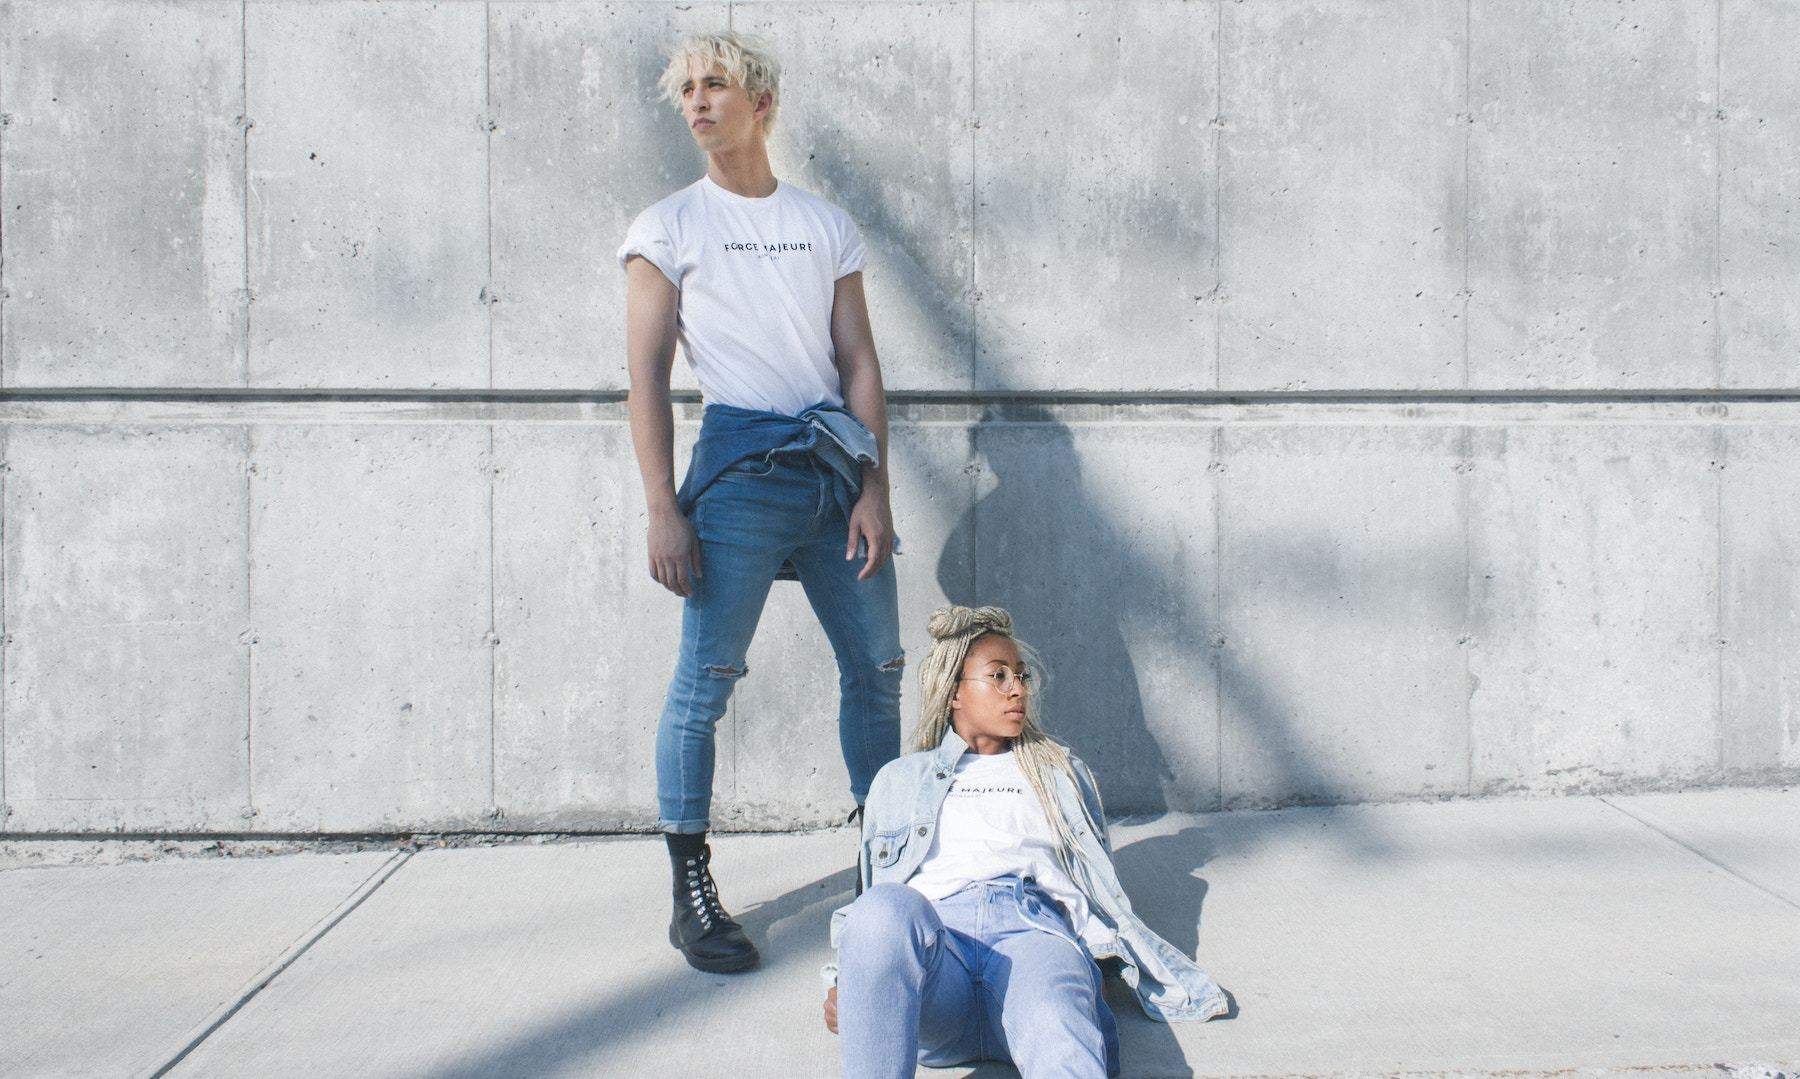 デニムを履いてコンクリートの壁の前に立つ男性と座る女性